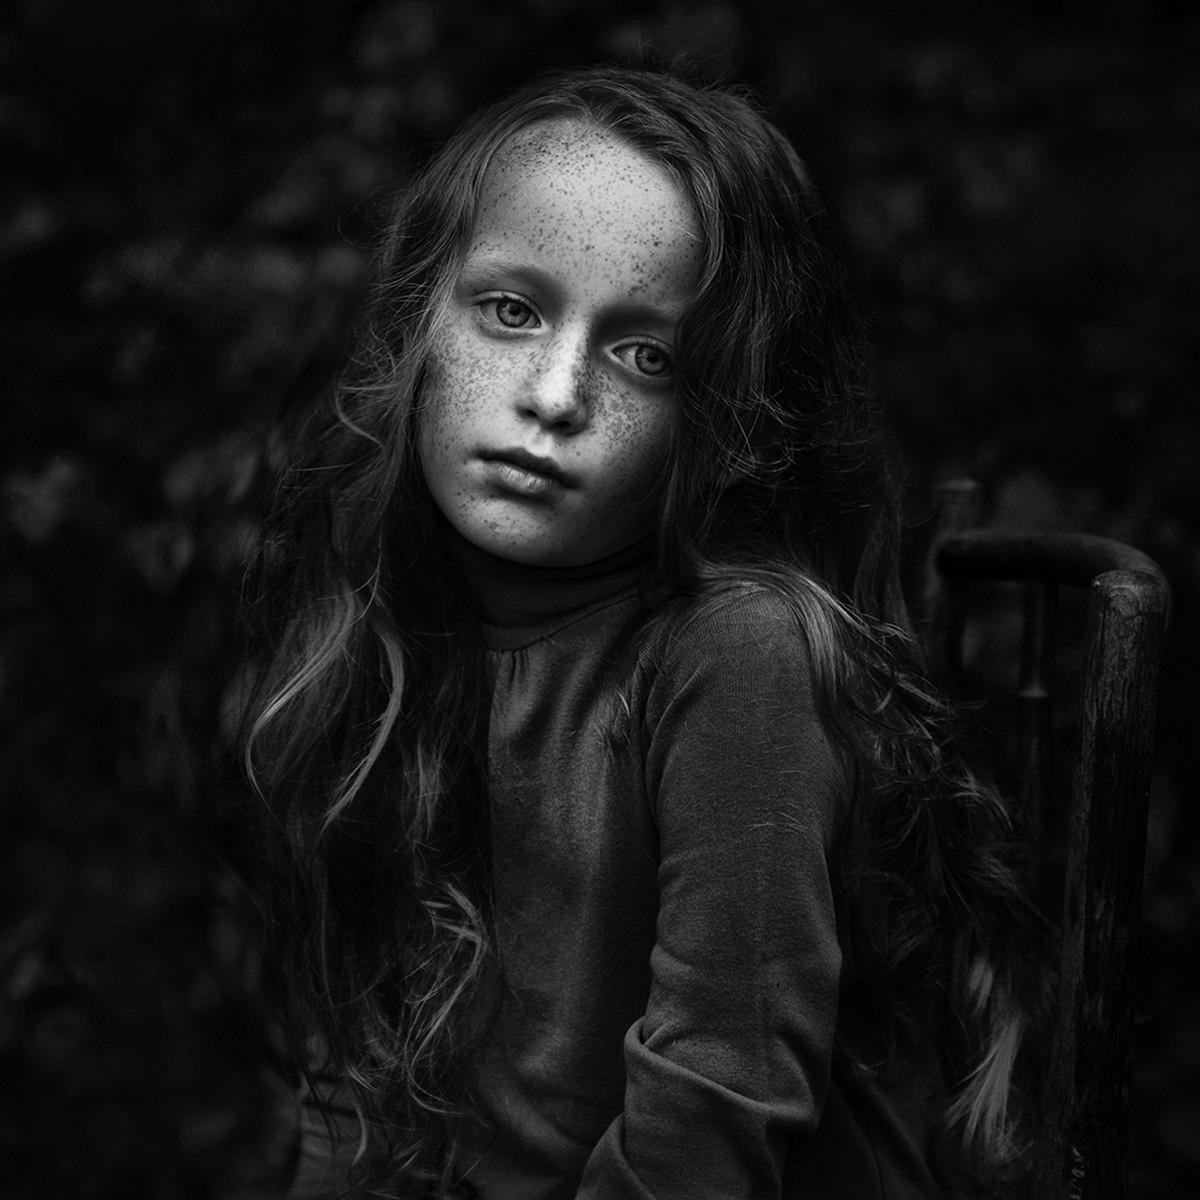 Победители конкурса черно-белой фотографии Child Photo Competition 2018